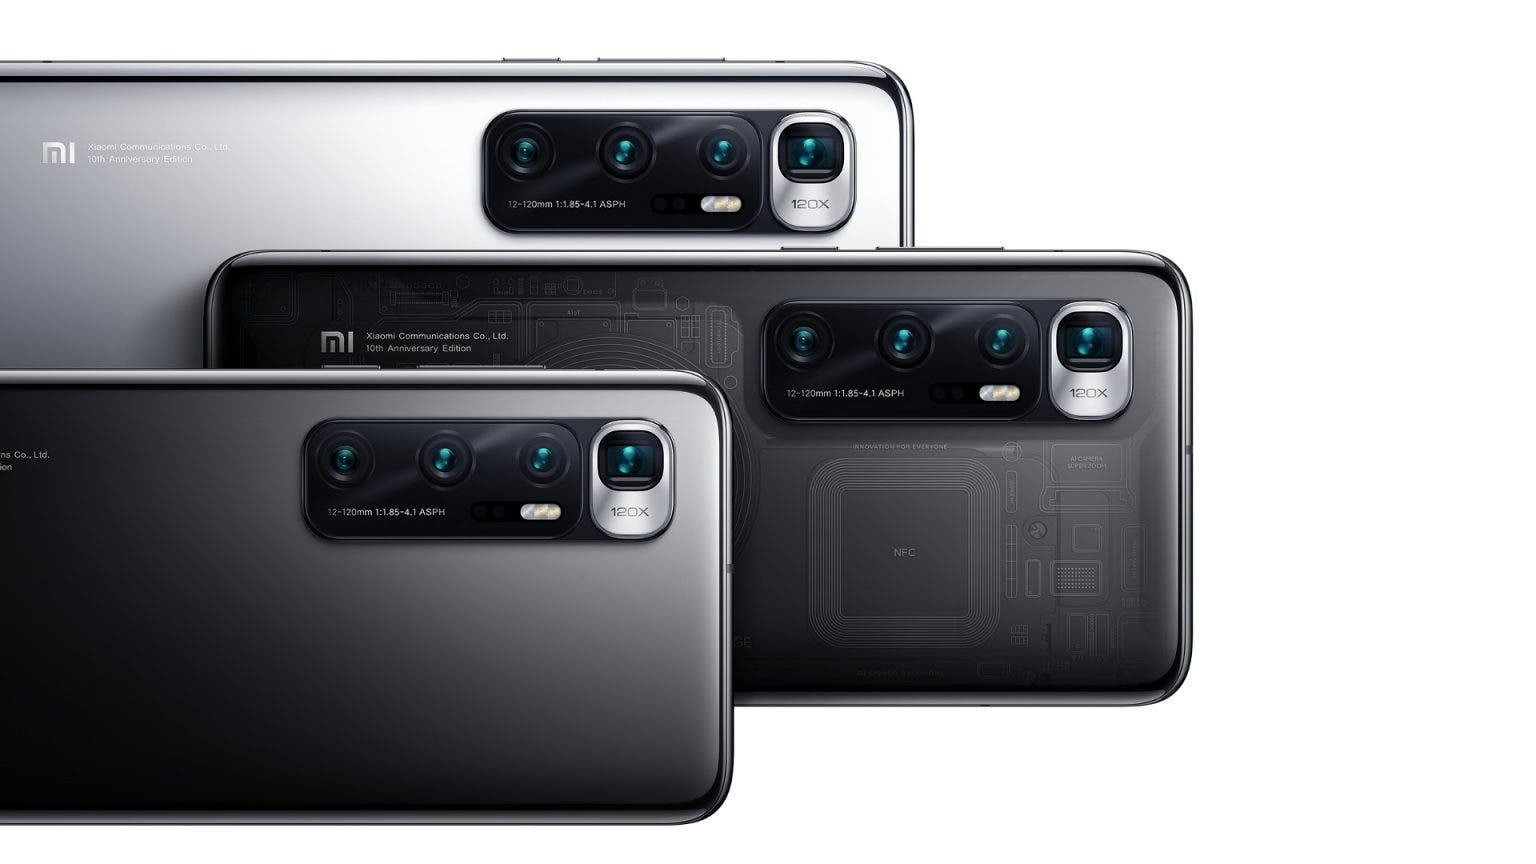 Xiaomi Mi 10 Ultra, Şu Anda RAMDISK TeknolojisiniDestekliyor